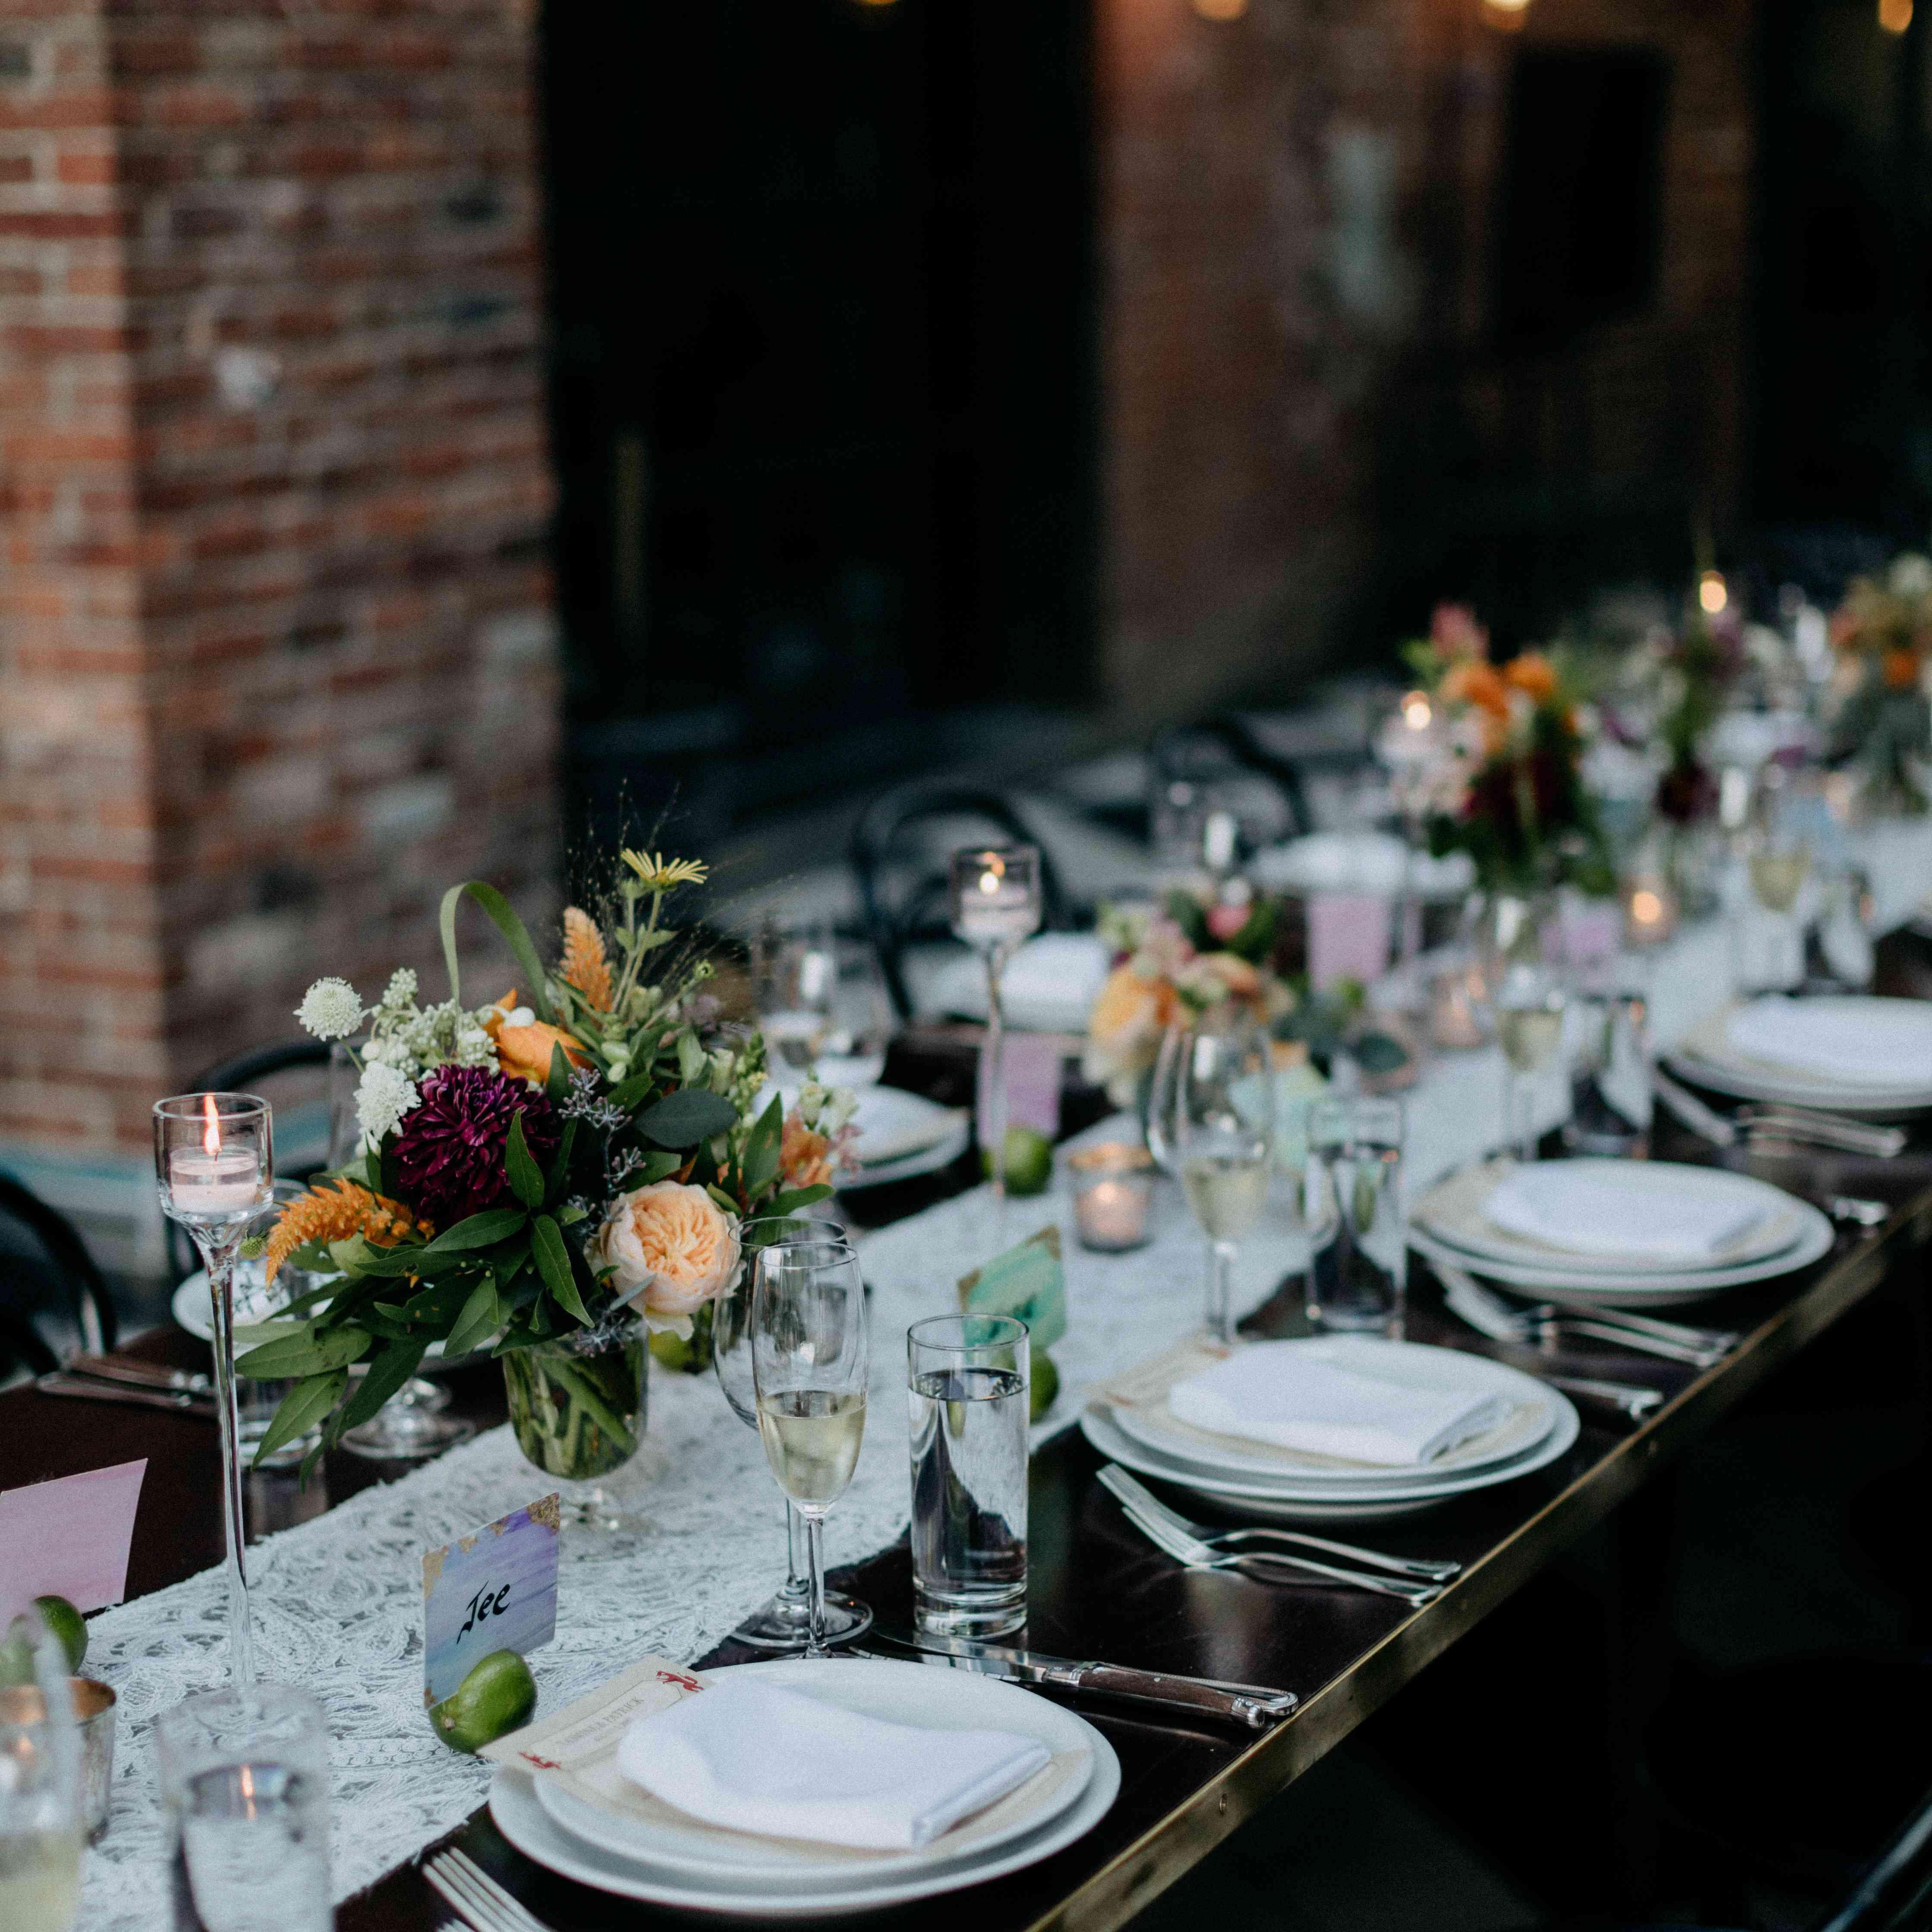 Wedding reception tablescape